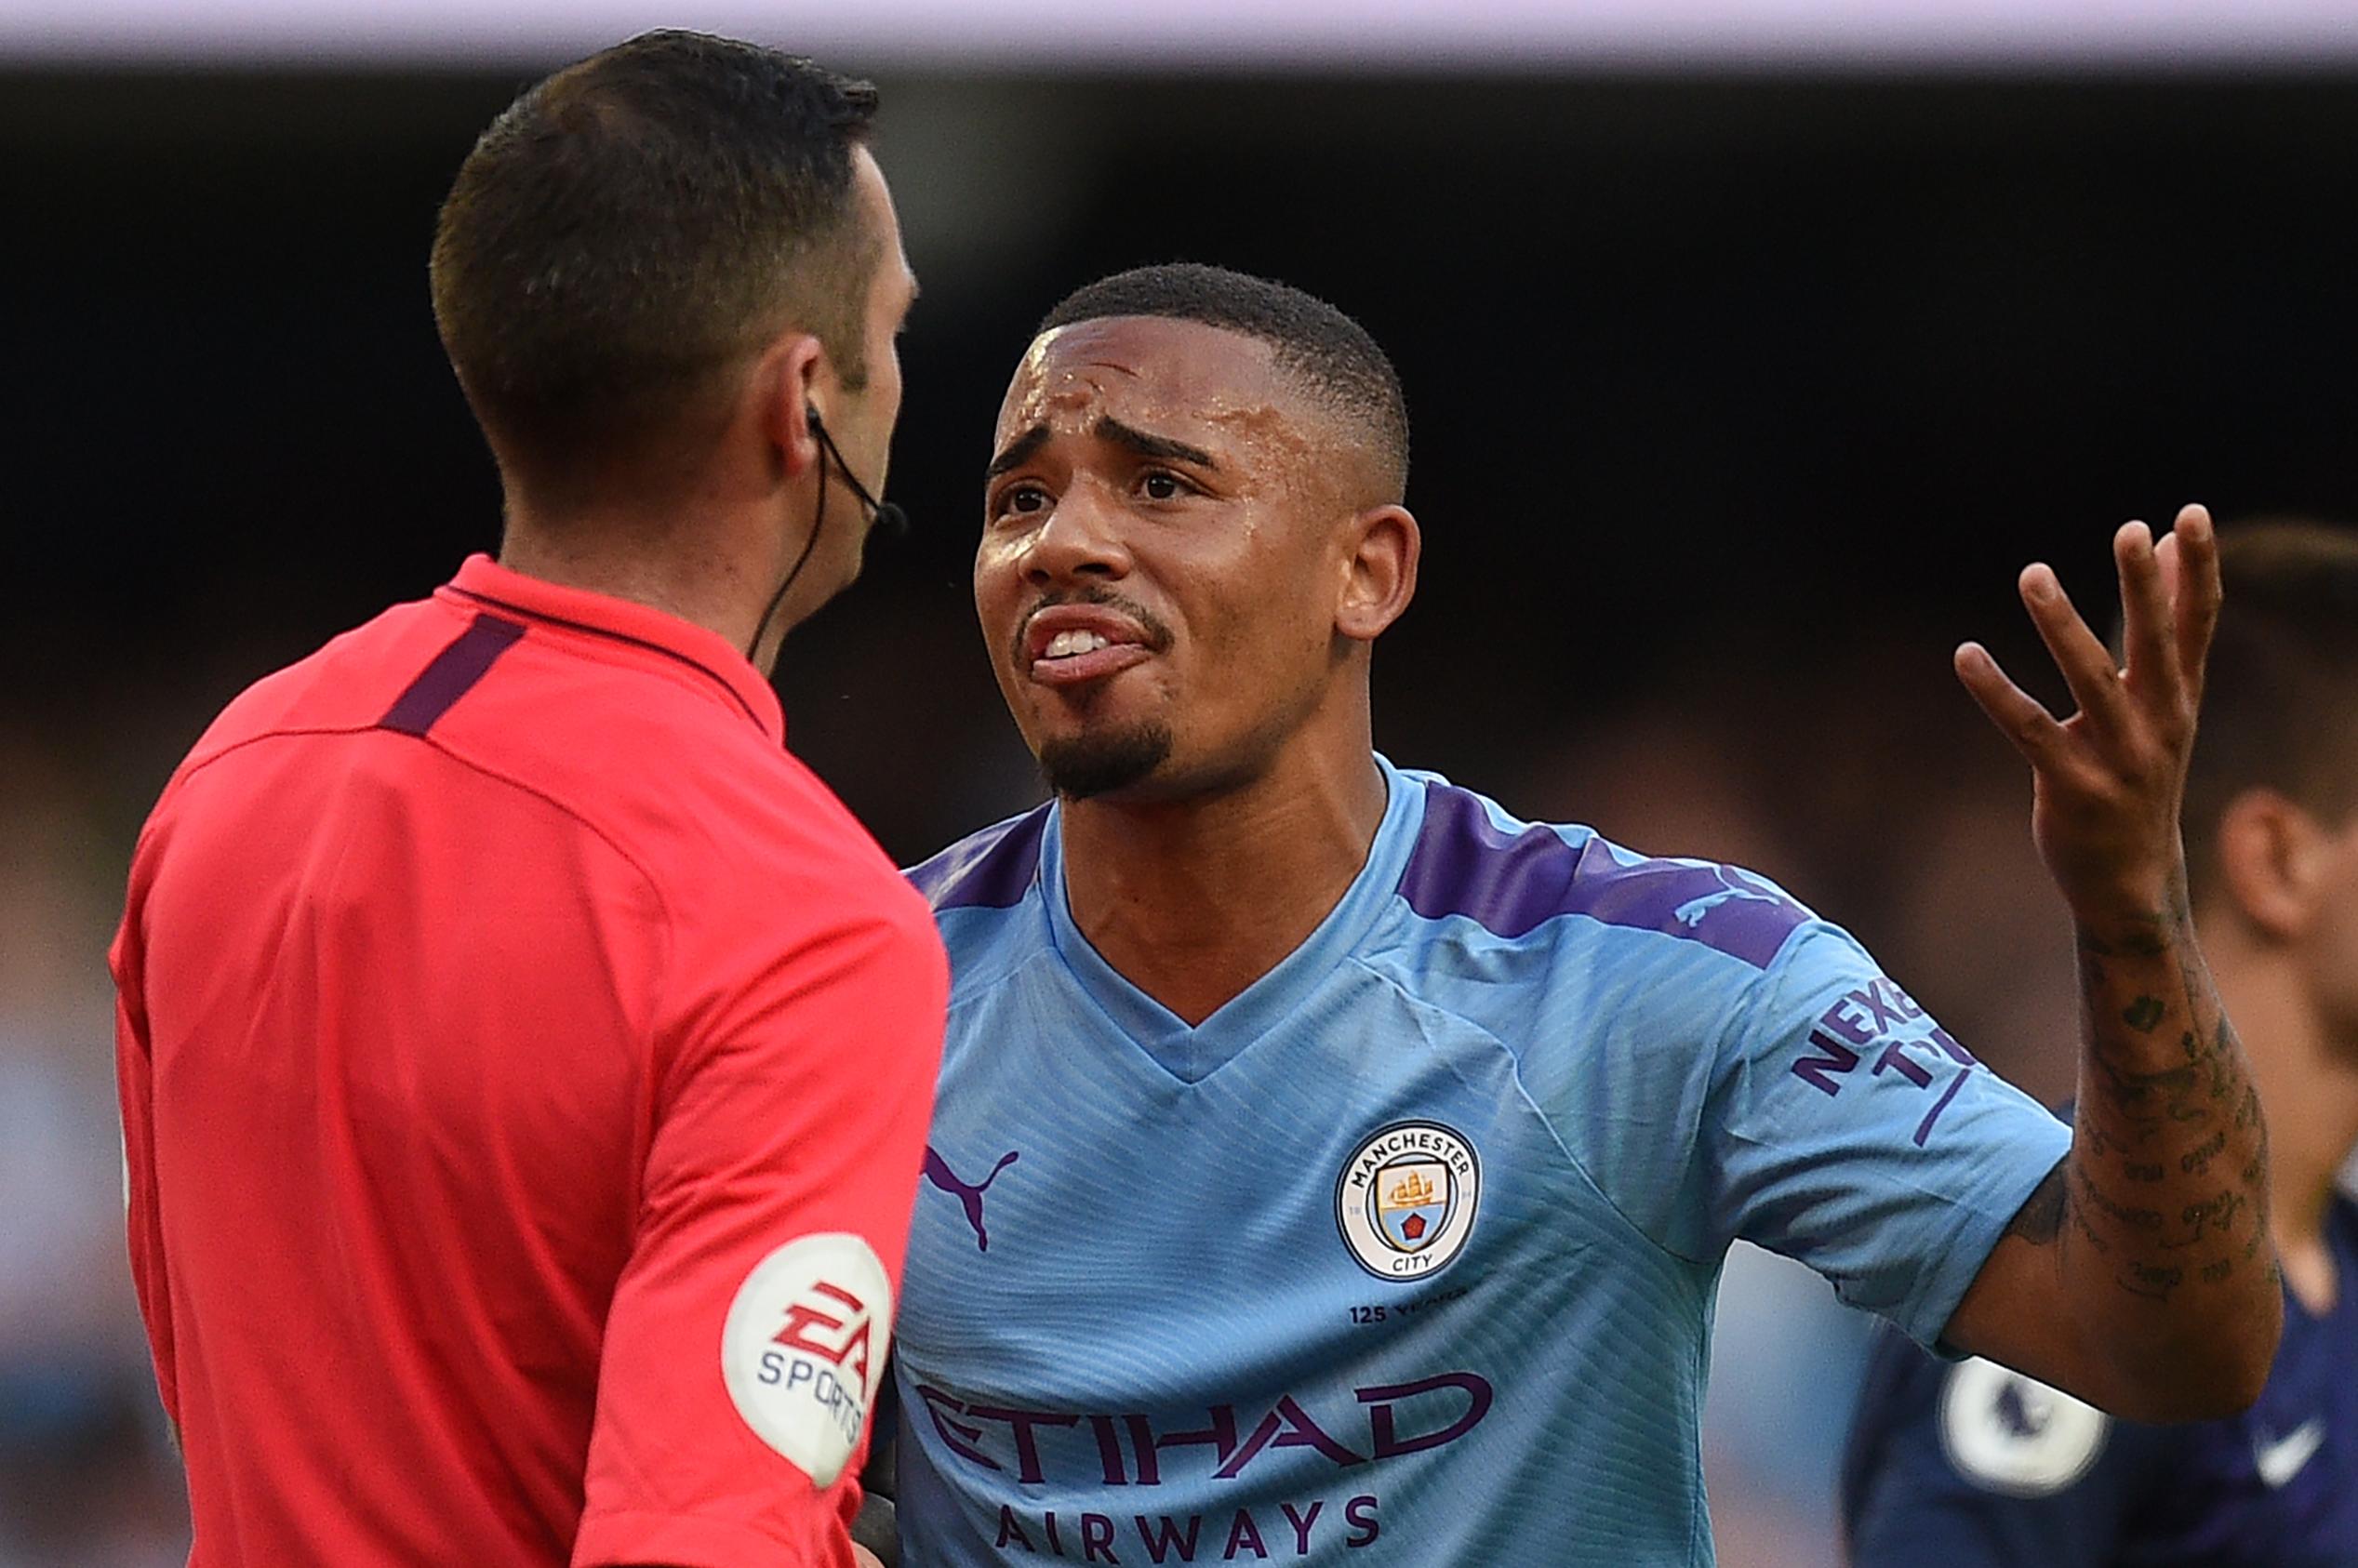 Videóbíró miatt nem nyert az utolsó pillanatban a Manchester City a Tottenham ellen